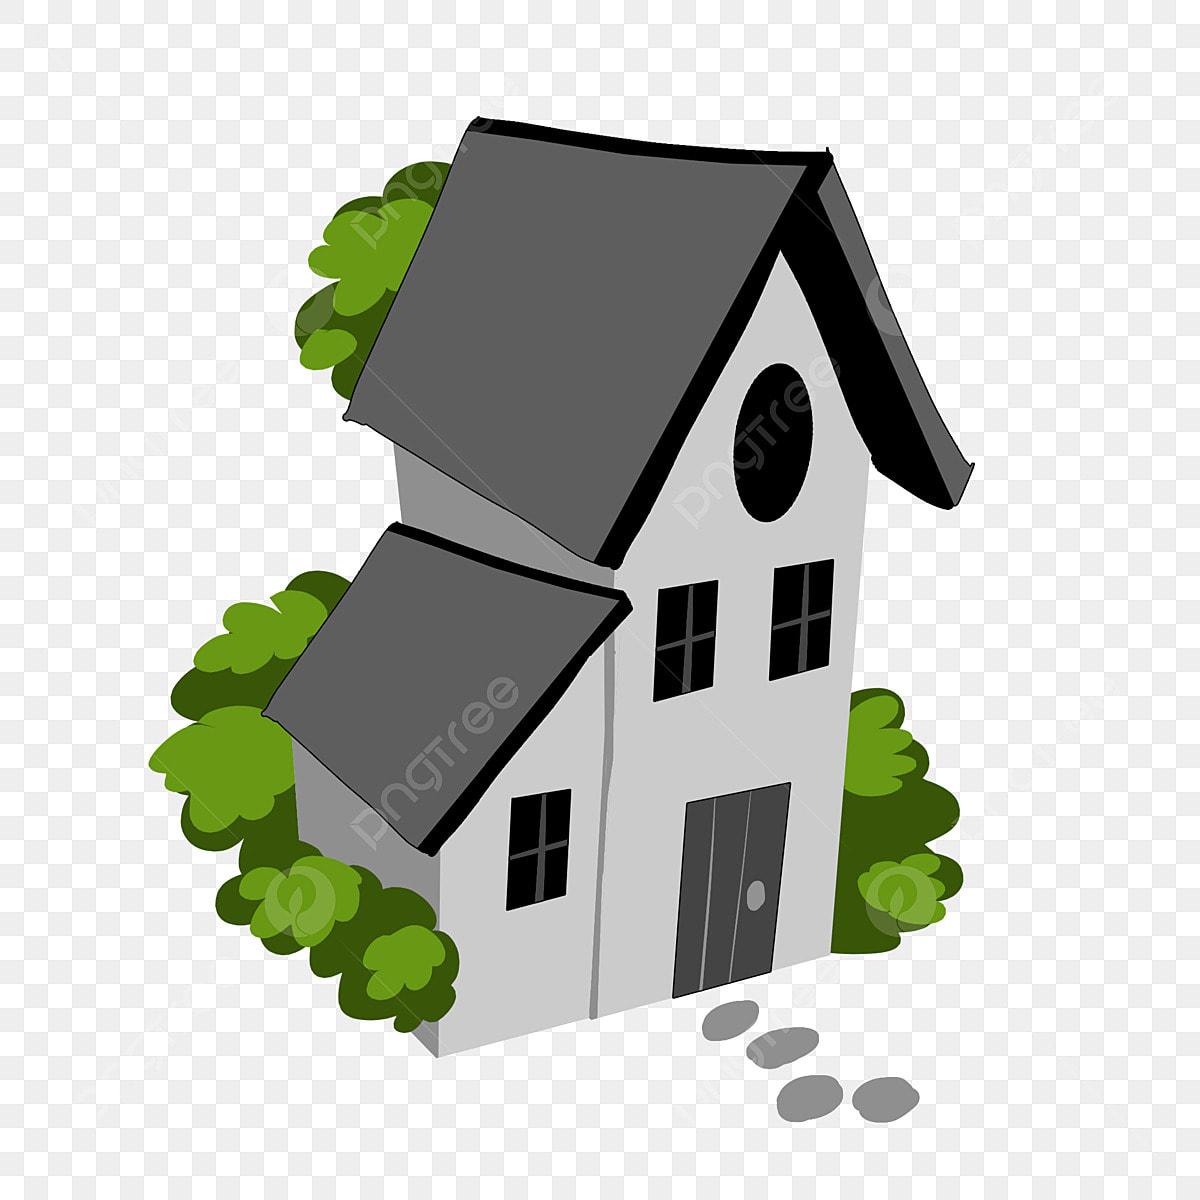 Gambar Ilustrasi Perumahan Putih Minimalis Rumah Sederhana Perumahan Putih Atap Hitam Png Dan Psd Untuk Muat Turun Percuma